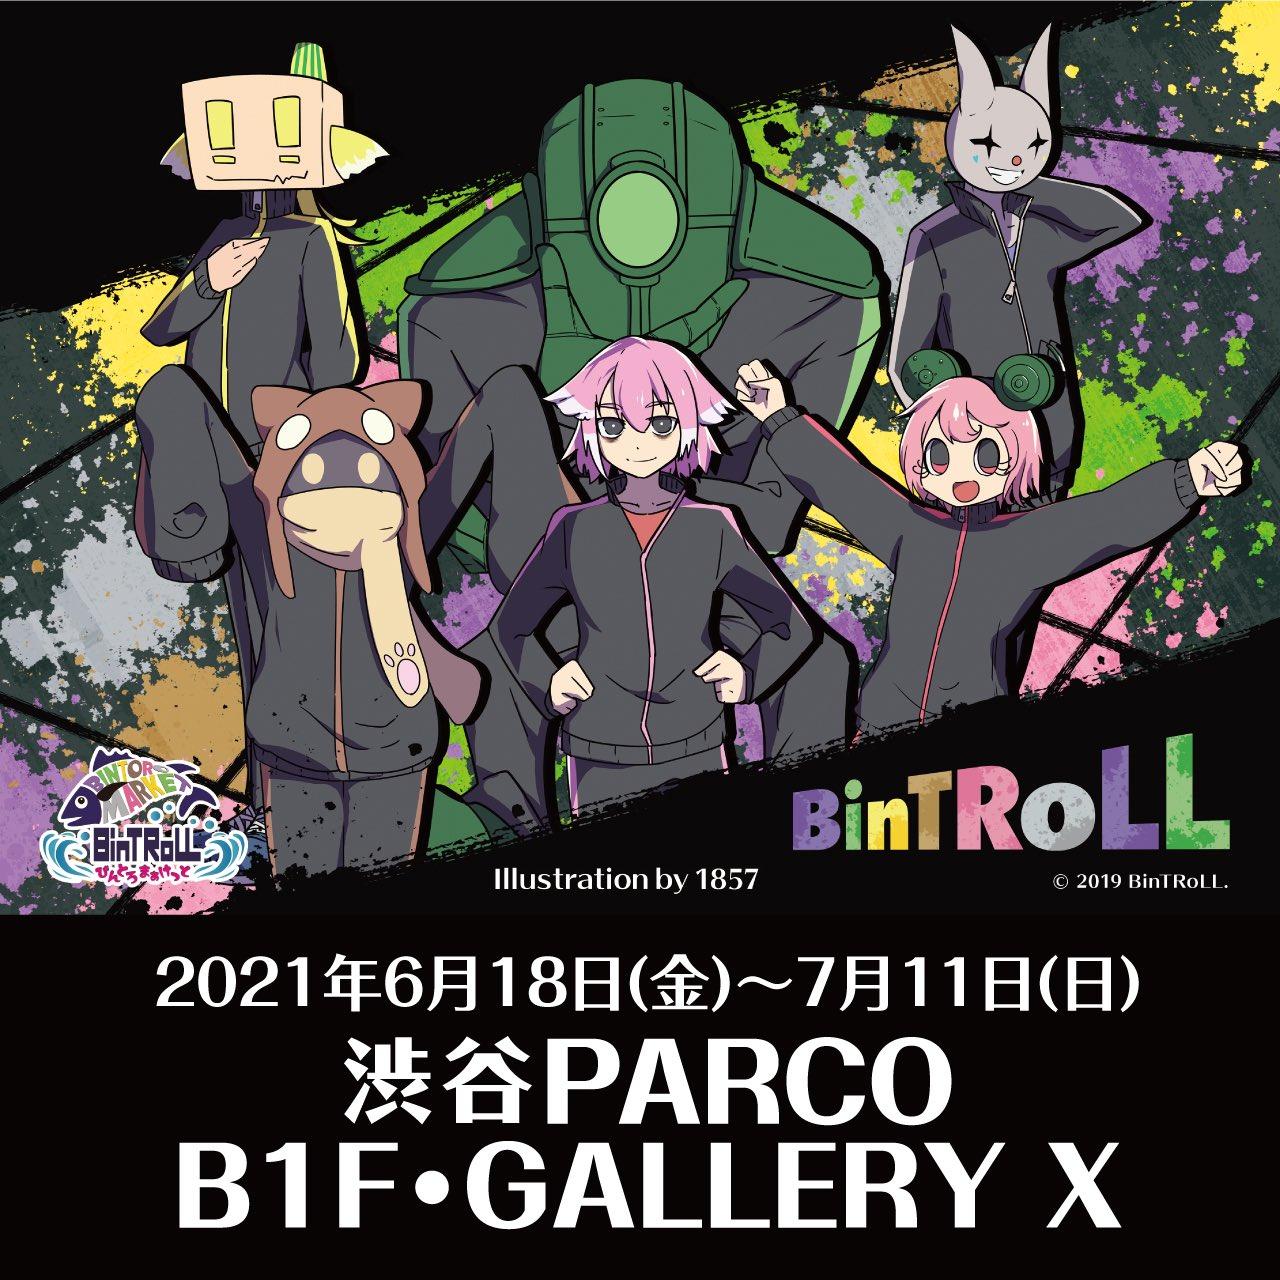 6/27(日)入場予約チケット(先着・無料) BinTRoLL『びんとろまぁけっと』in 渋谷PARCO